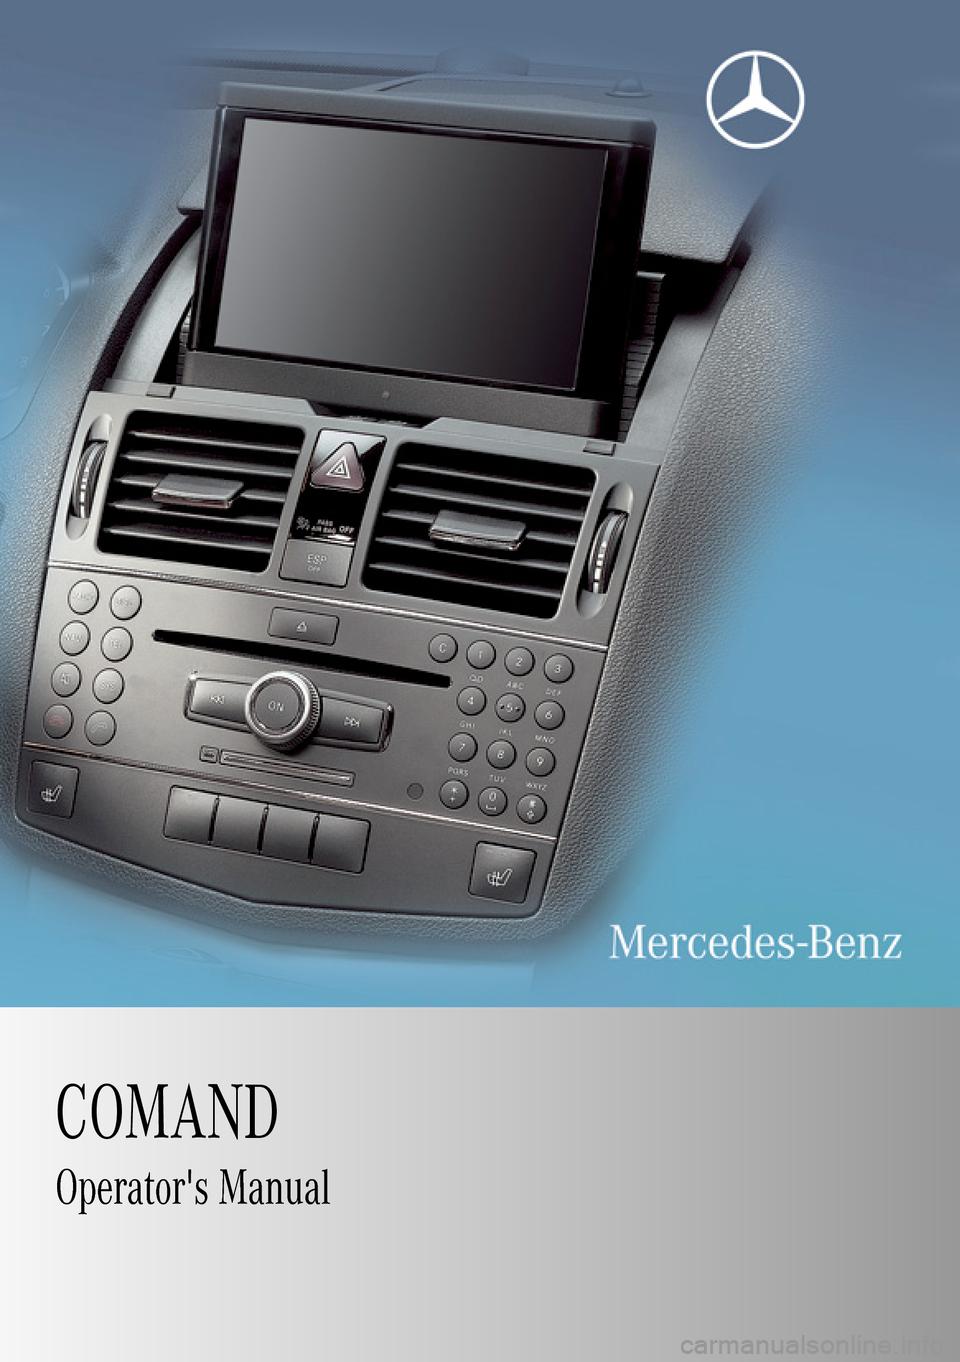 Manuals Comand 20 W163